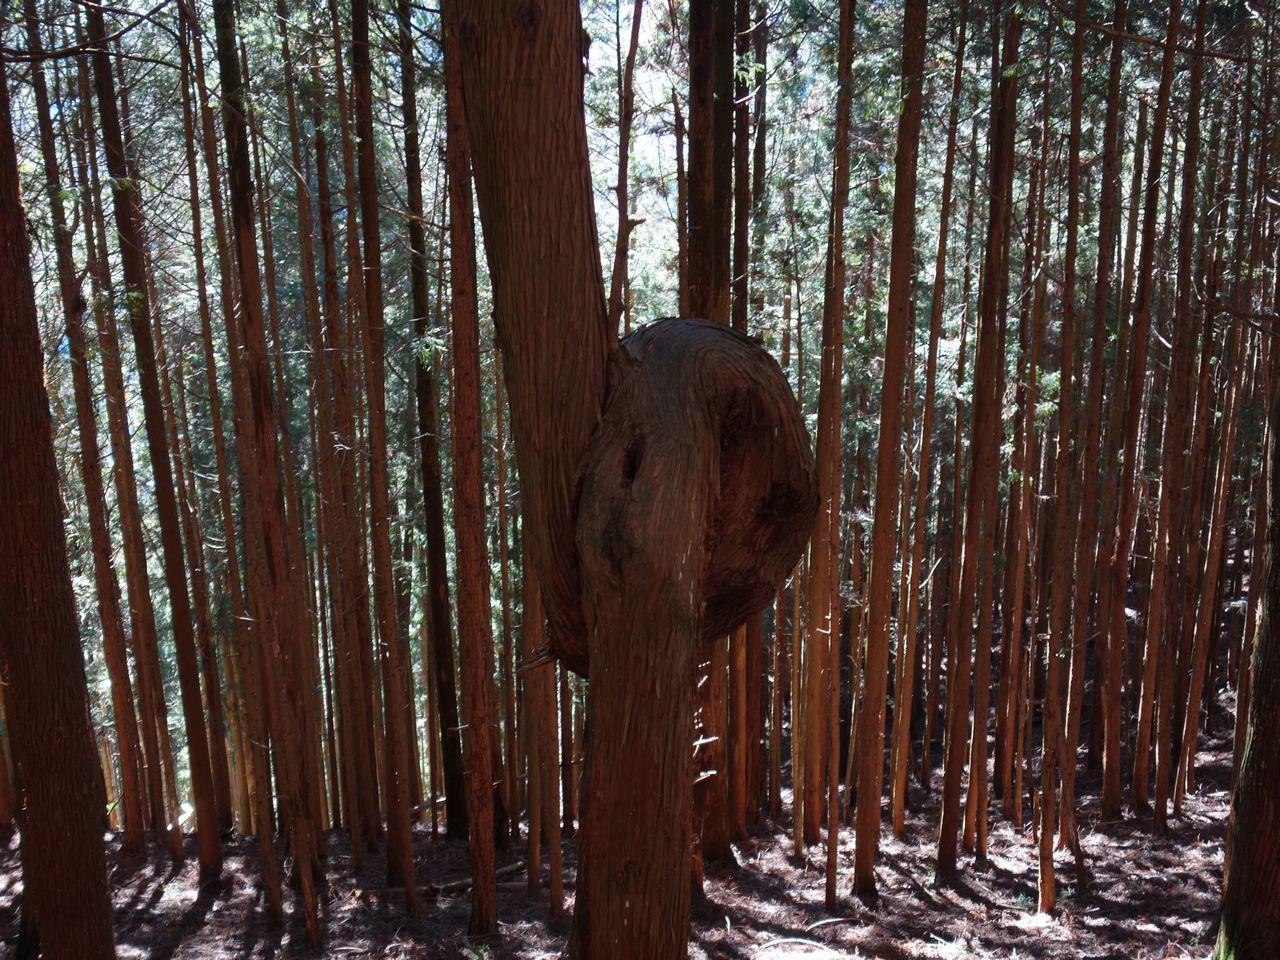 よこすず尾根の曲がった杉